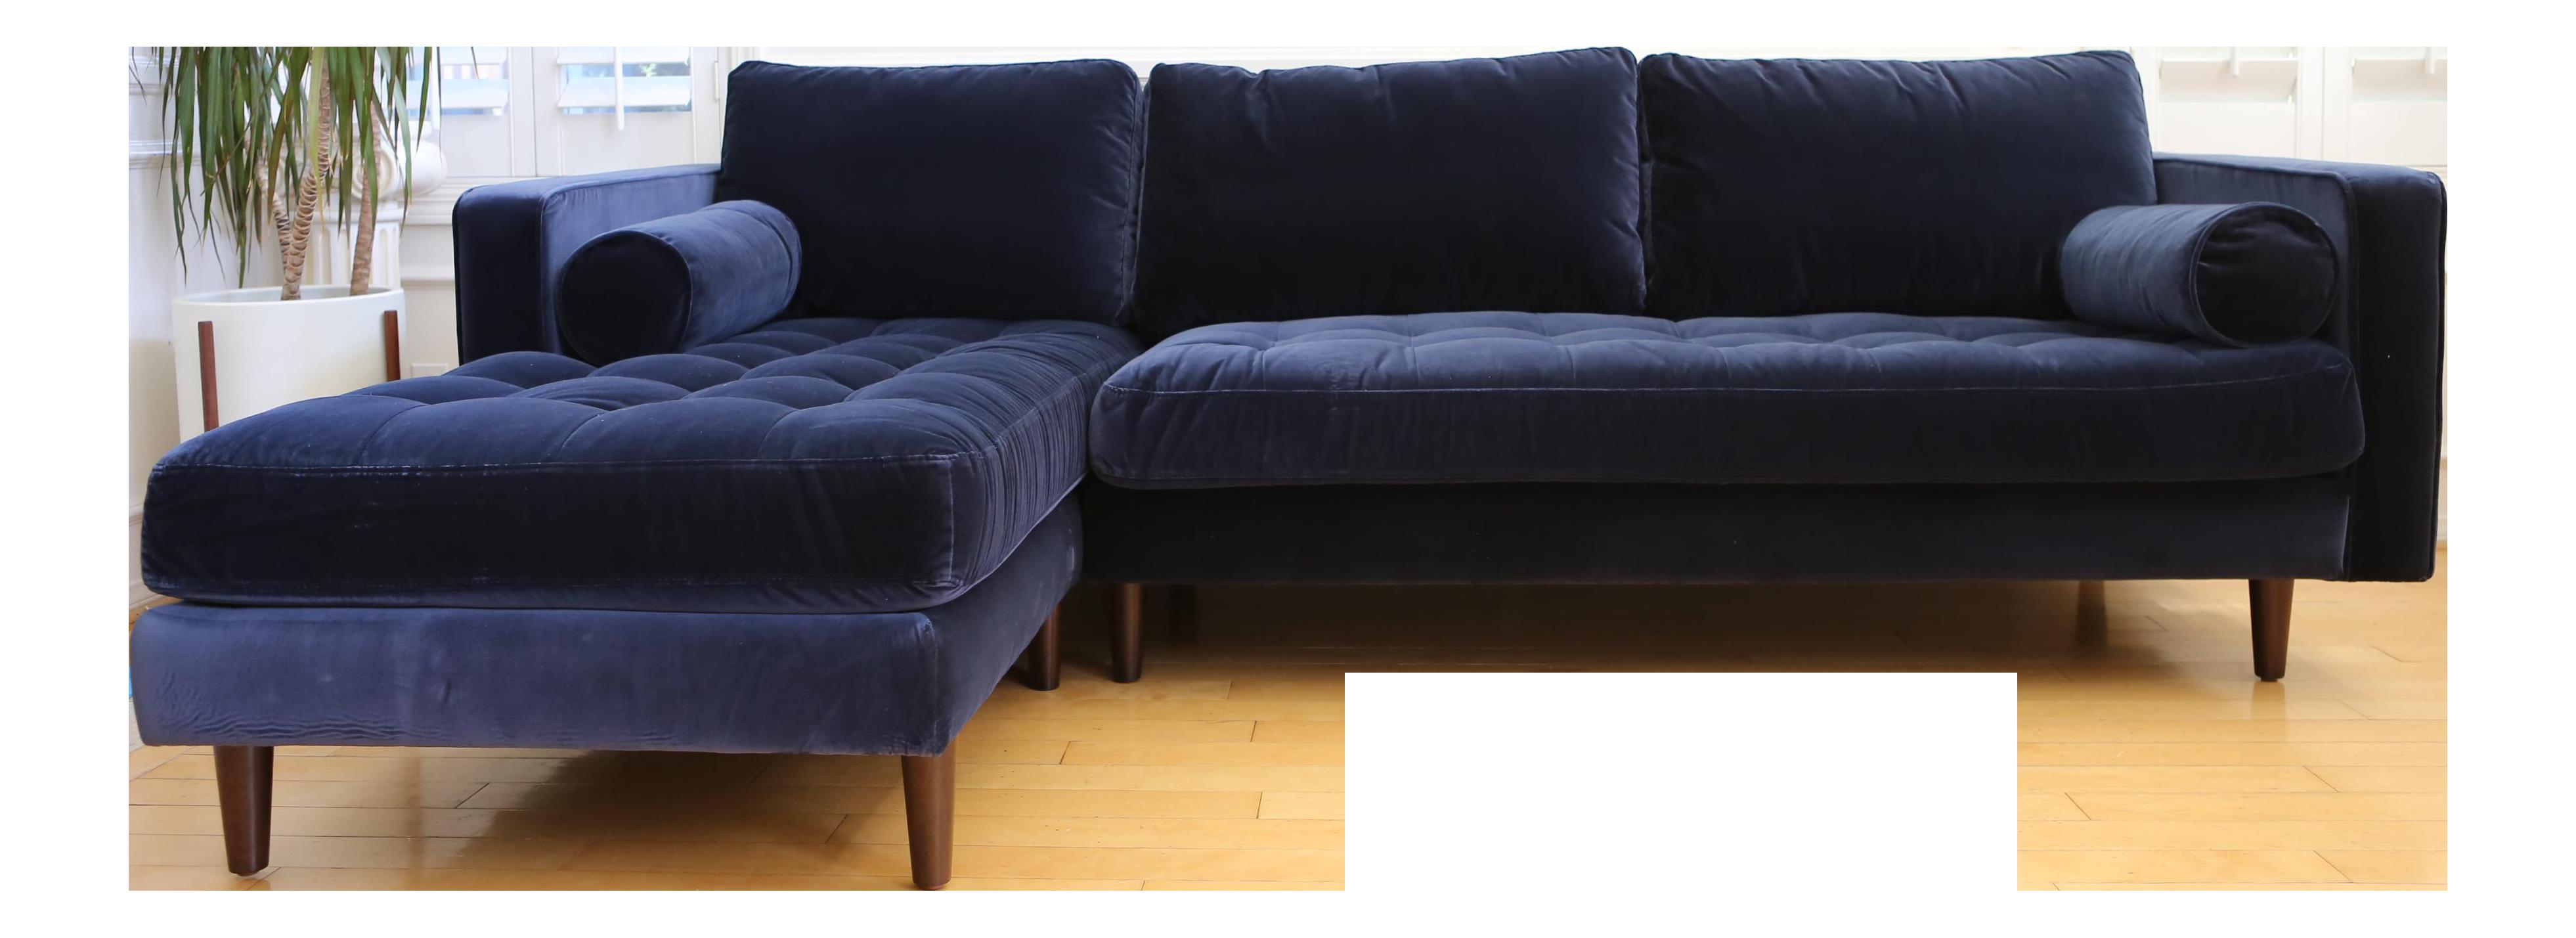 Mid Century Modern Navy Blue Velvet Sectional Sofa